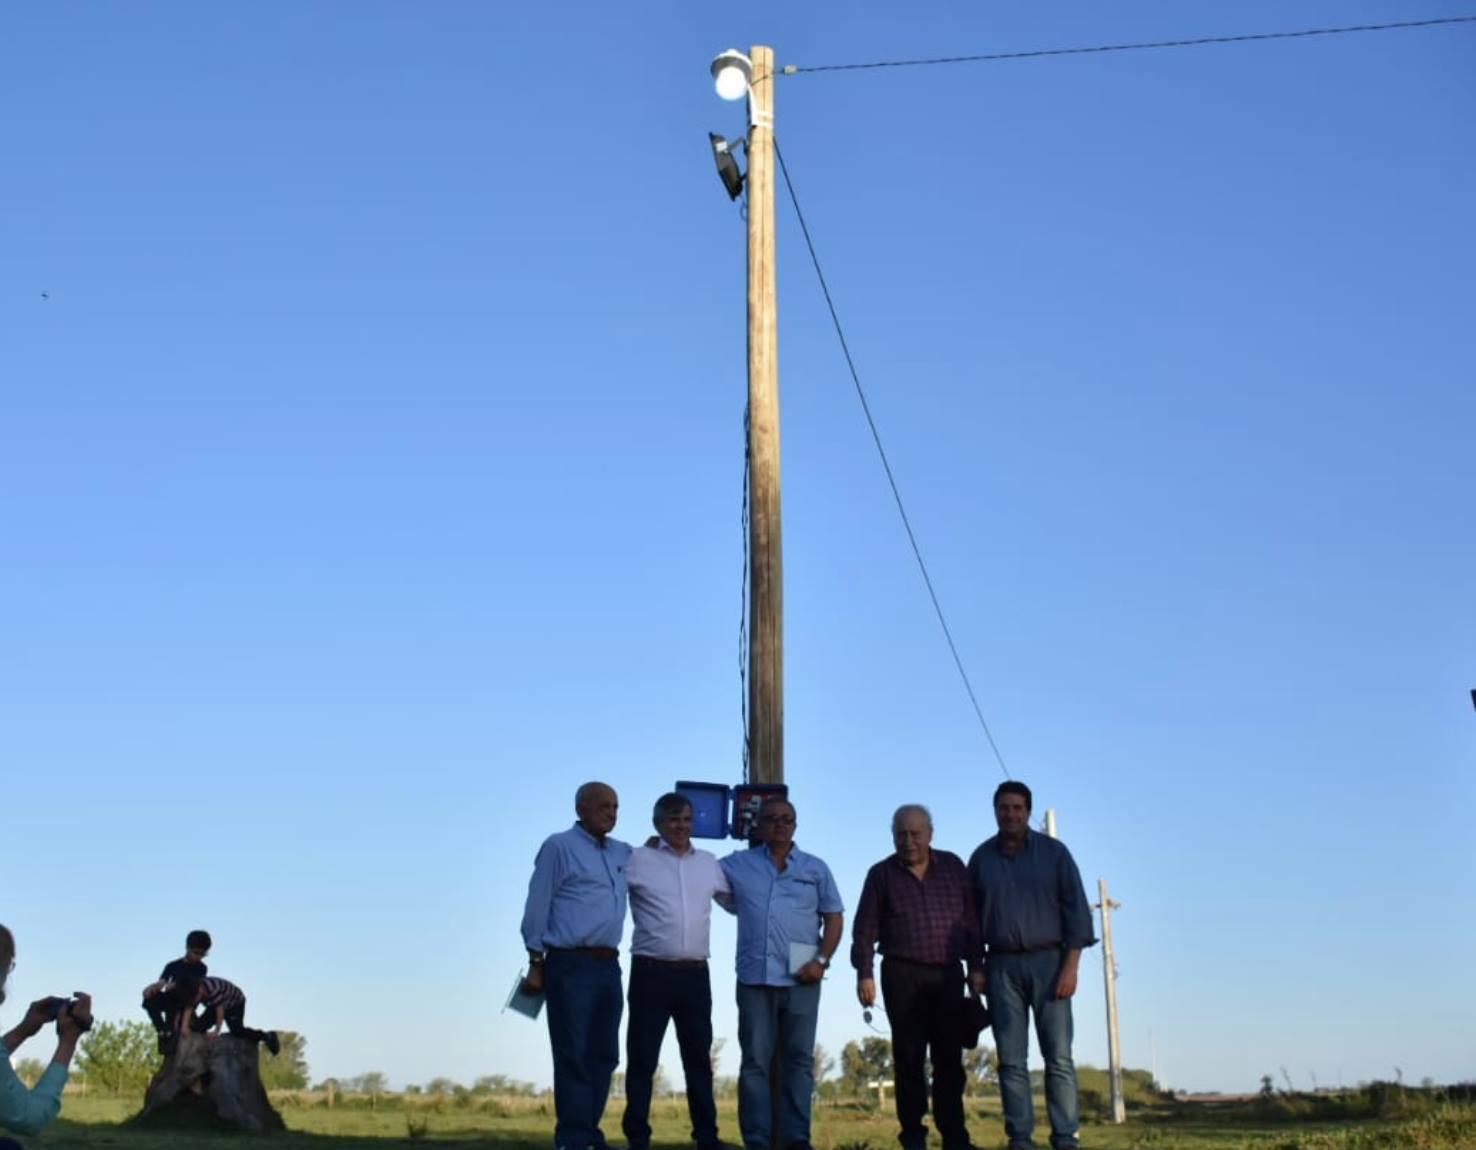 La localidad rural de Henry Bell. La inauguración del tendido de la línea eléctrica (2018).